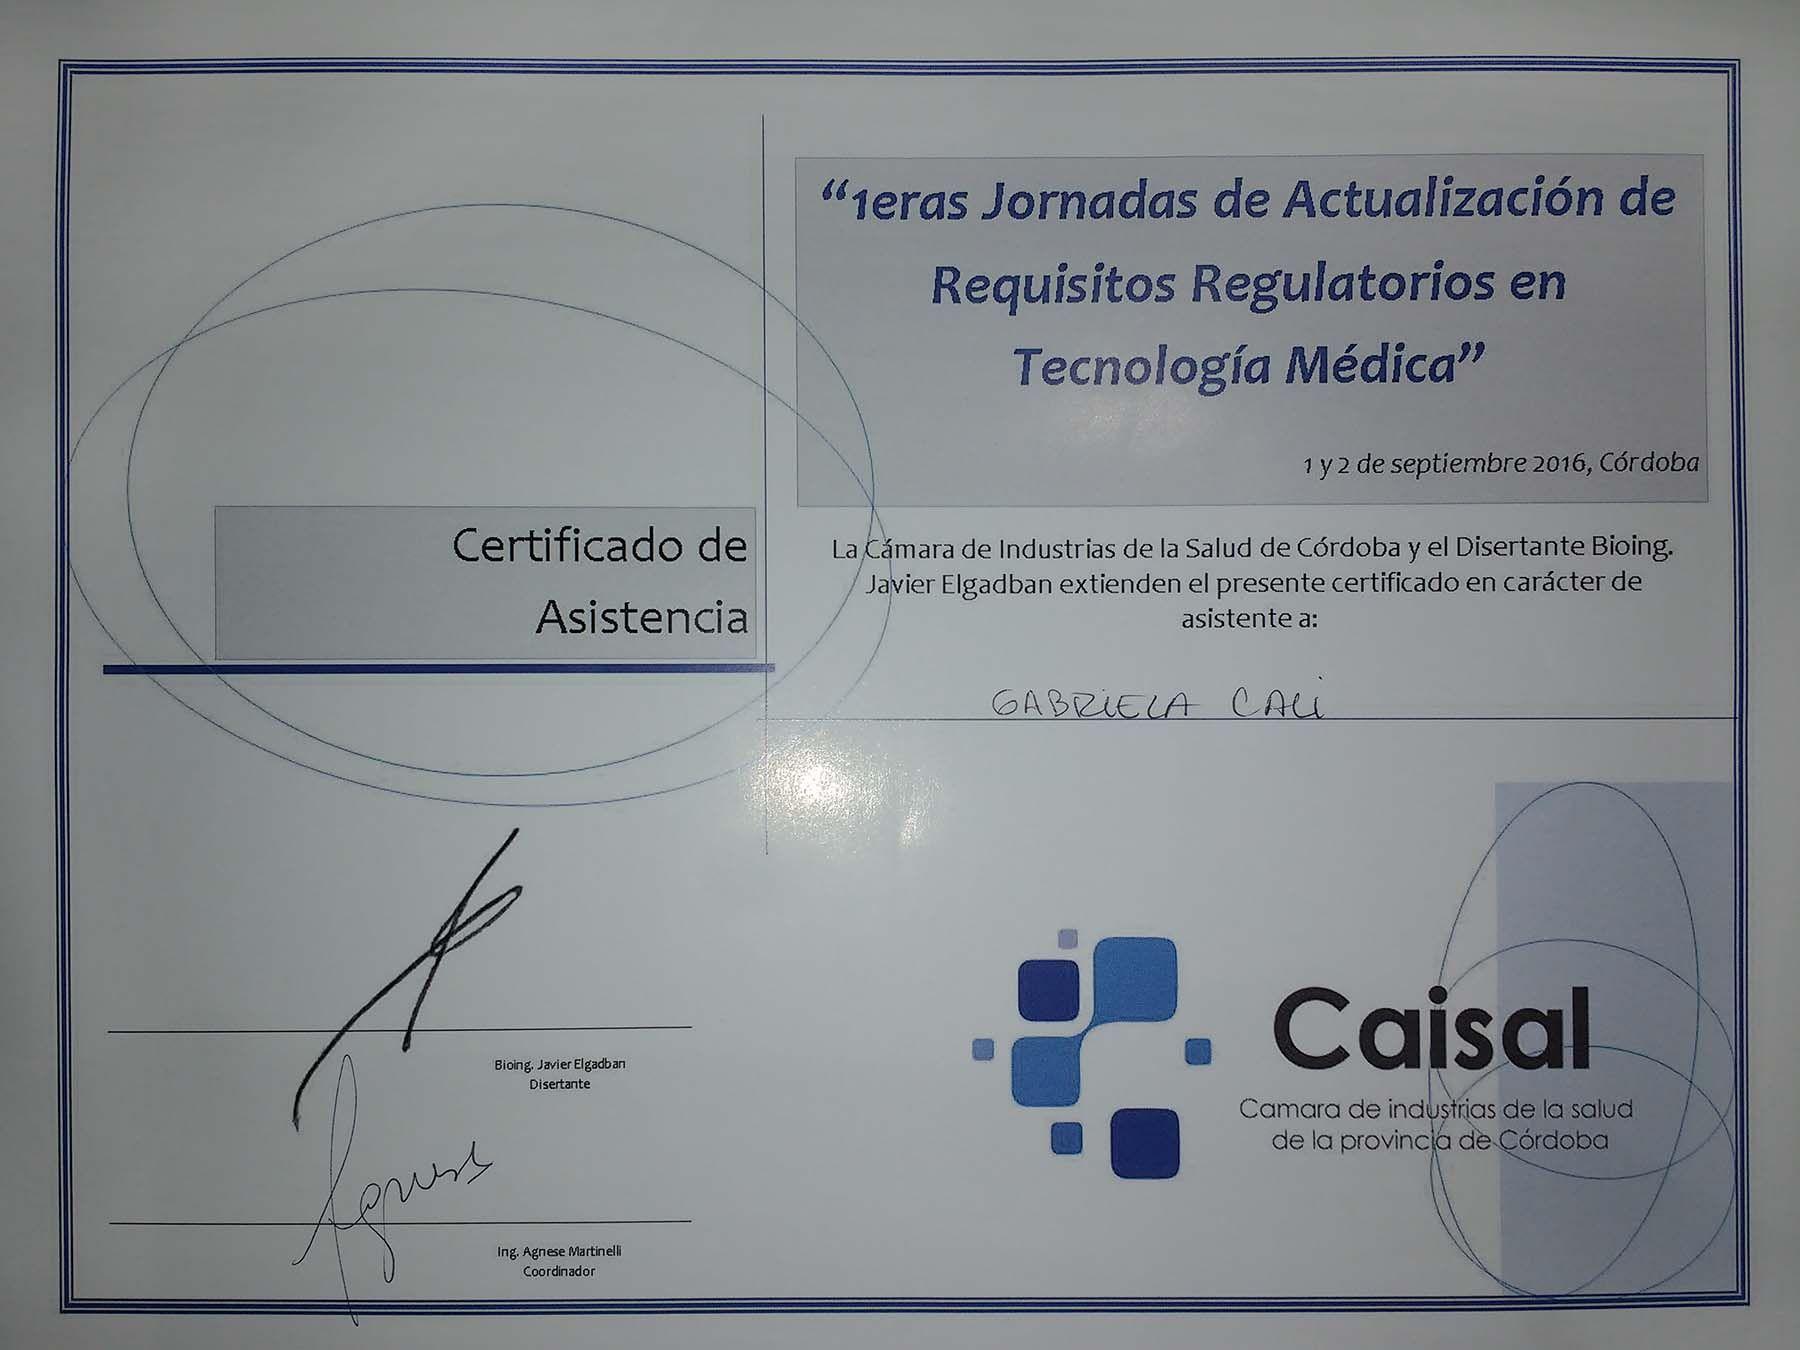 Participación en las 1ras Jornadas de Actualización de Req. Regulatorios